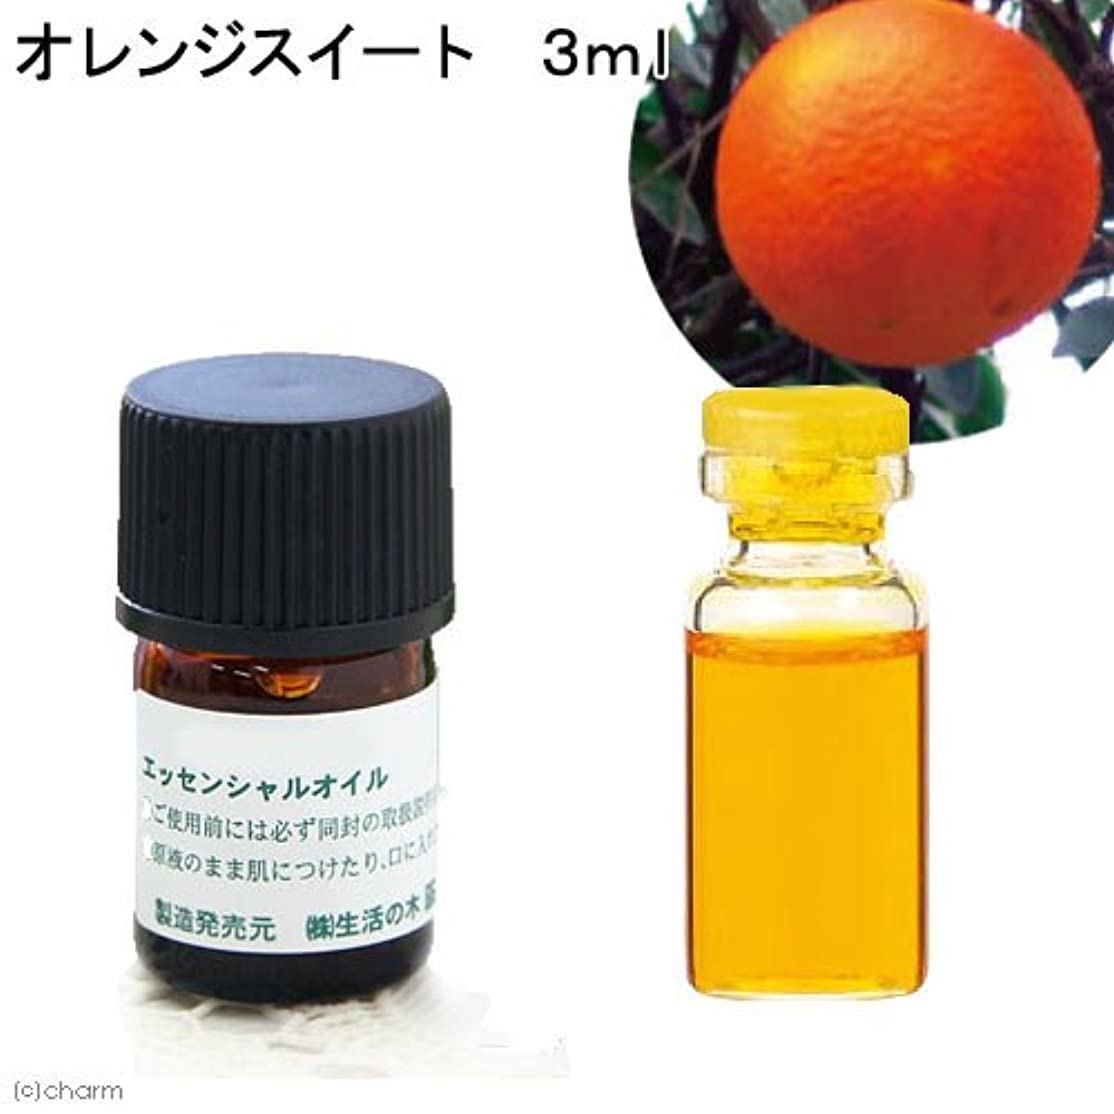 データ損なう覚えている生活の木 オレンジスイート 3ml